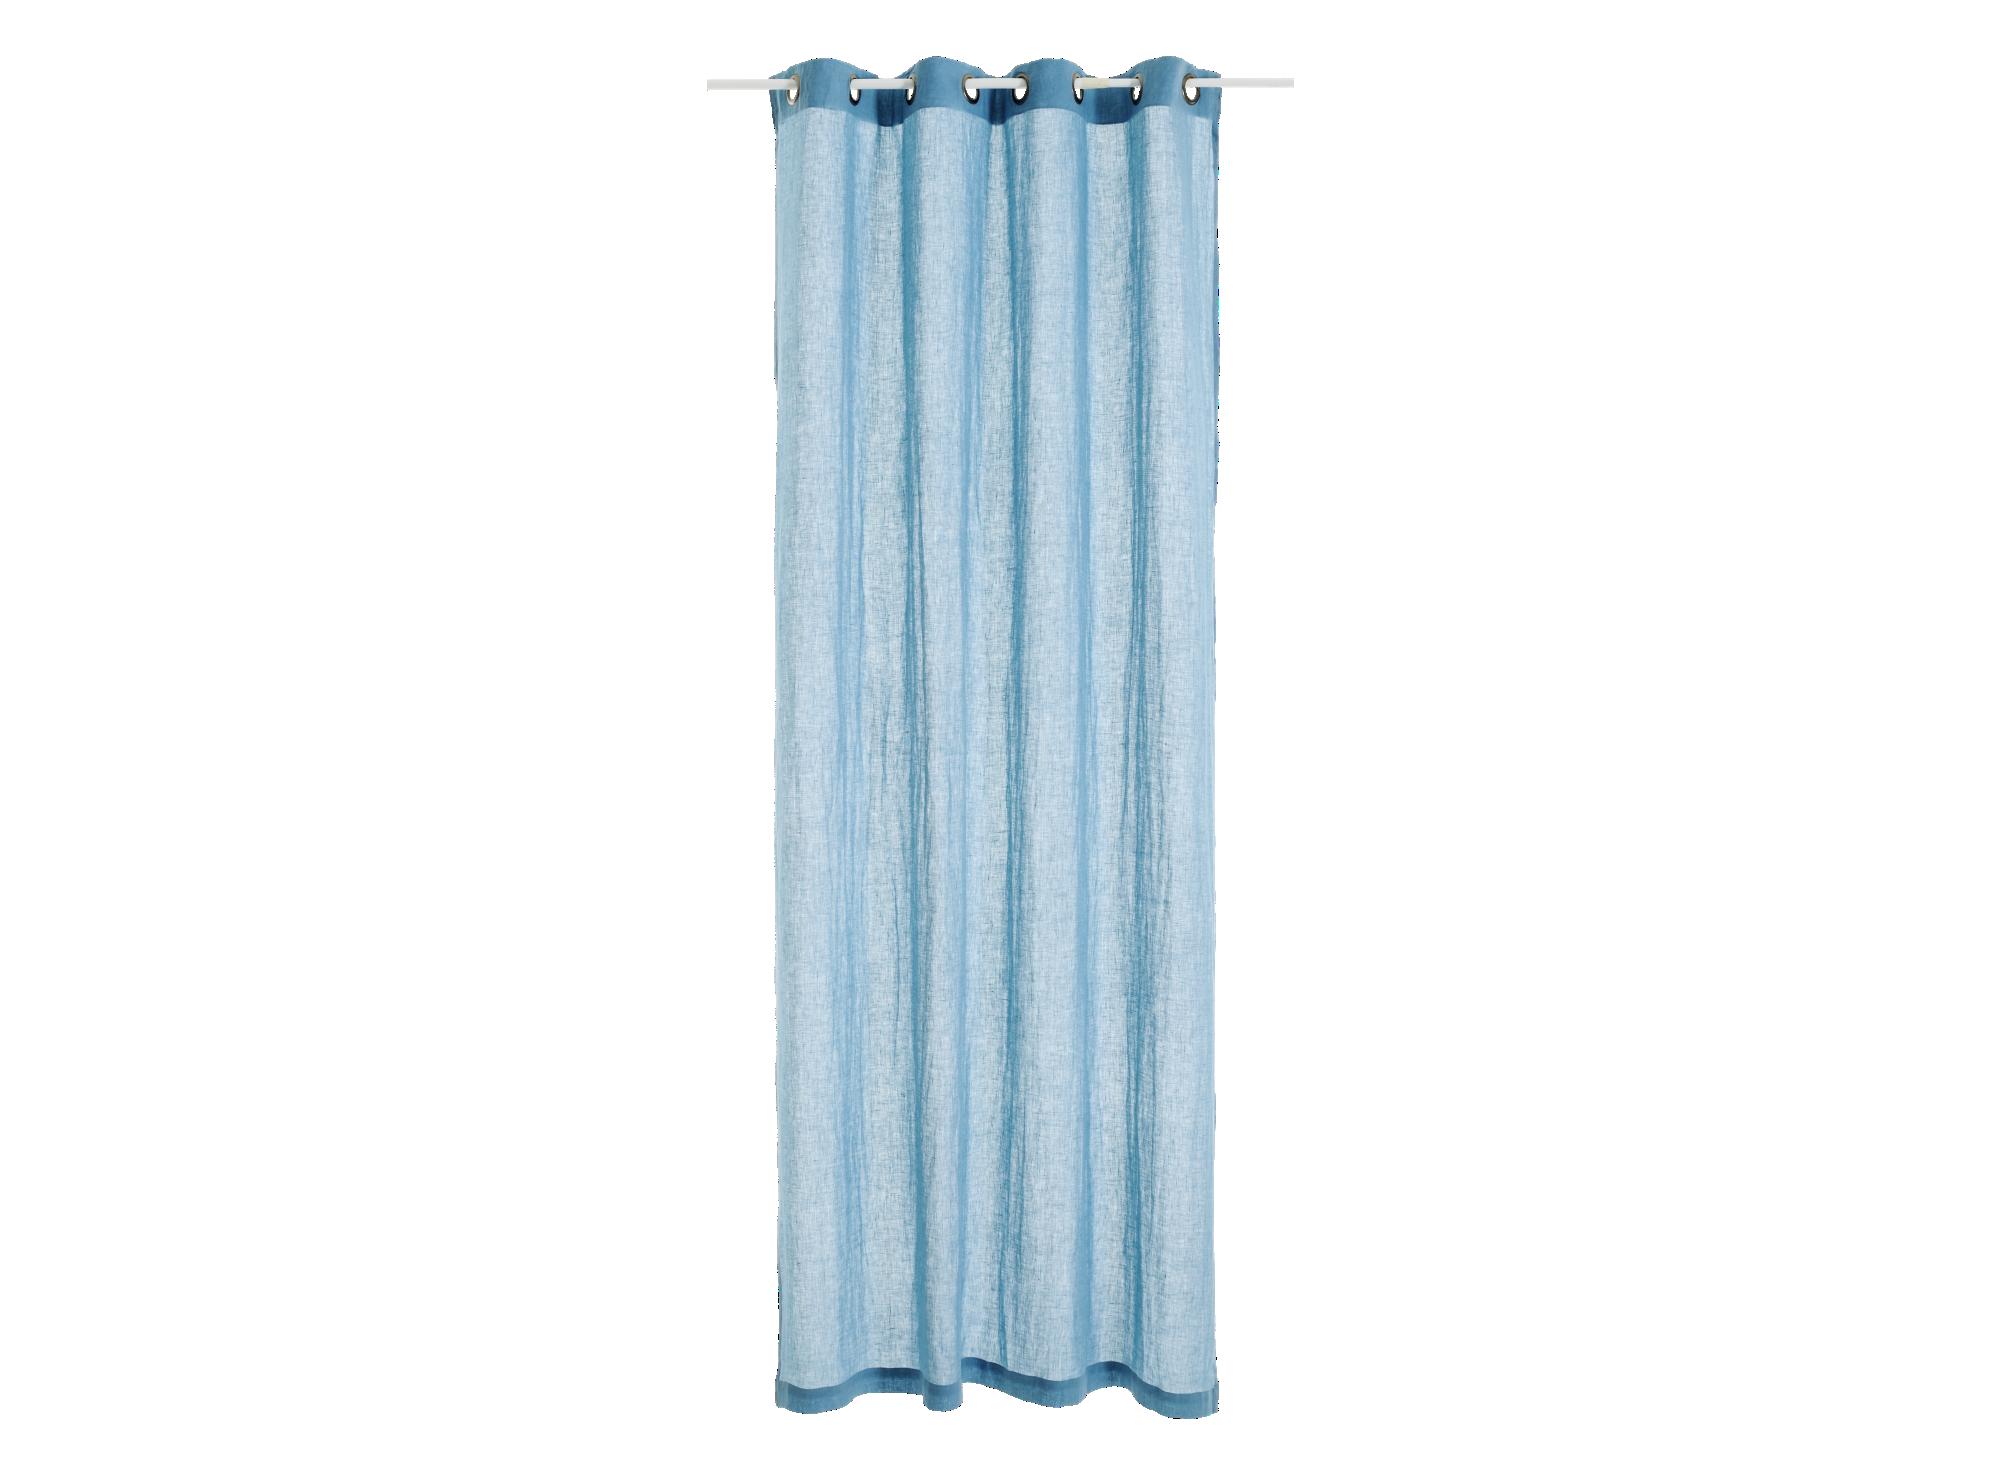 Rideau 140x250cm 100% lin coloris bleu ciel densite 150g/m2  lavable  ...